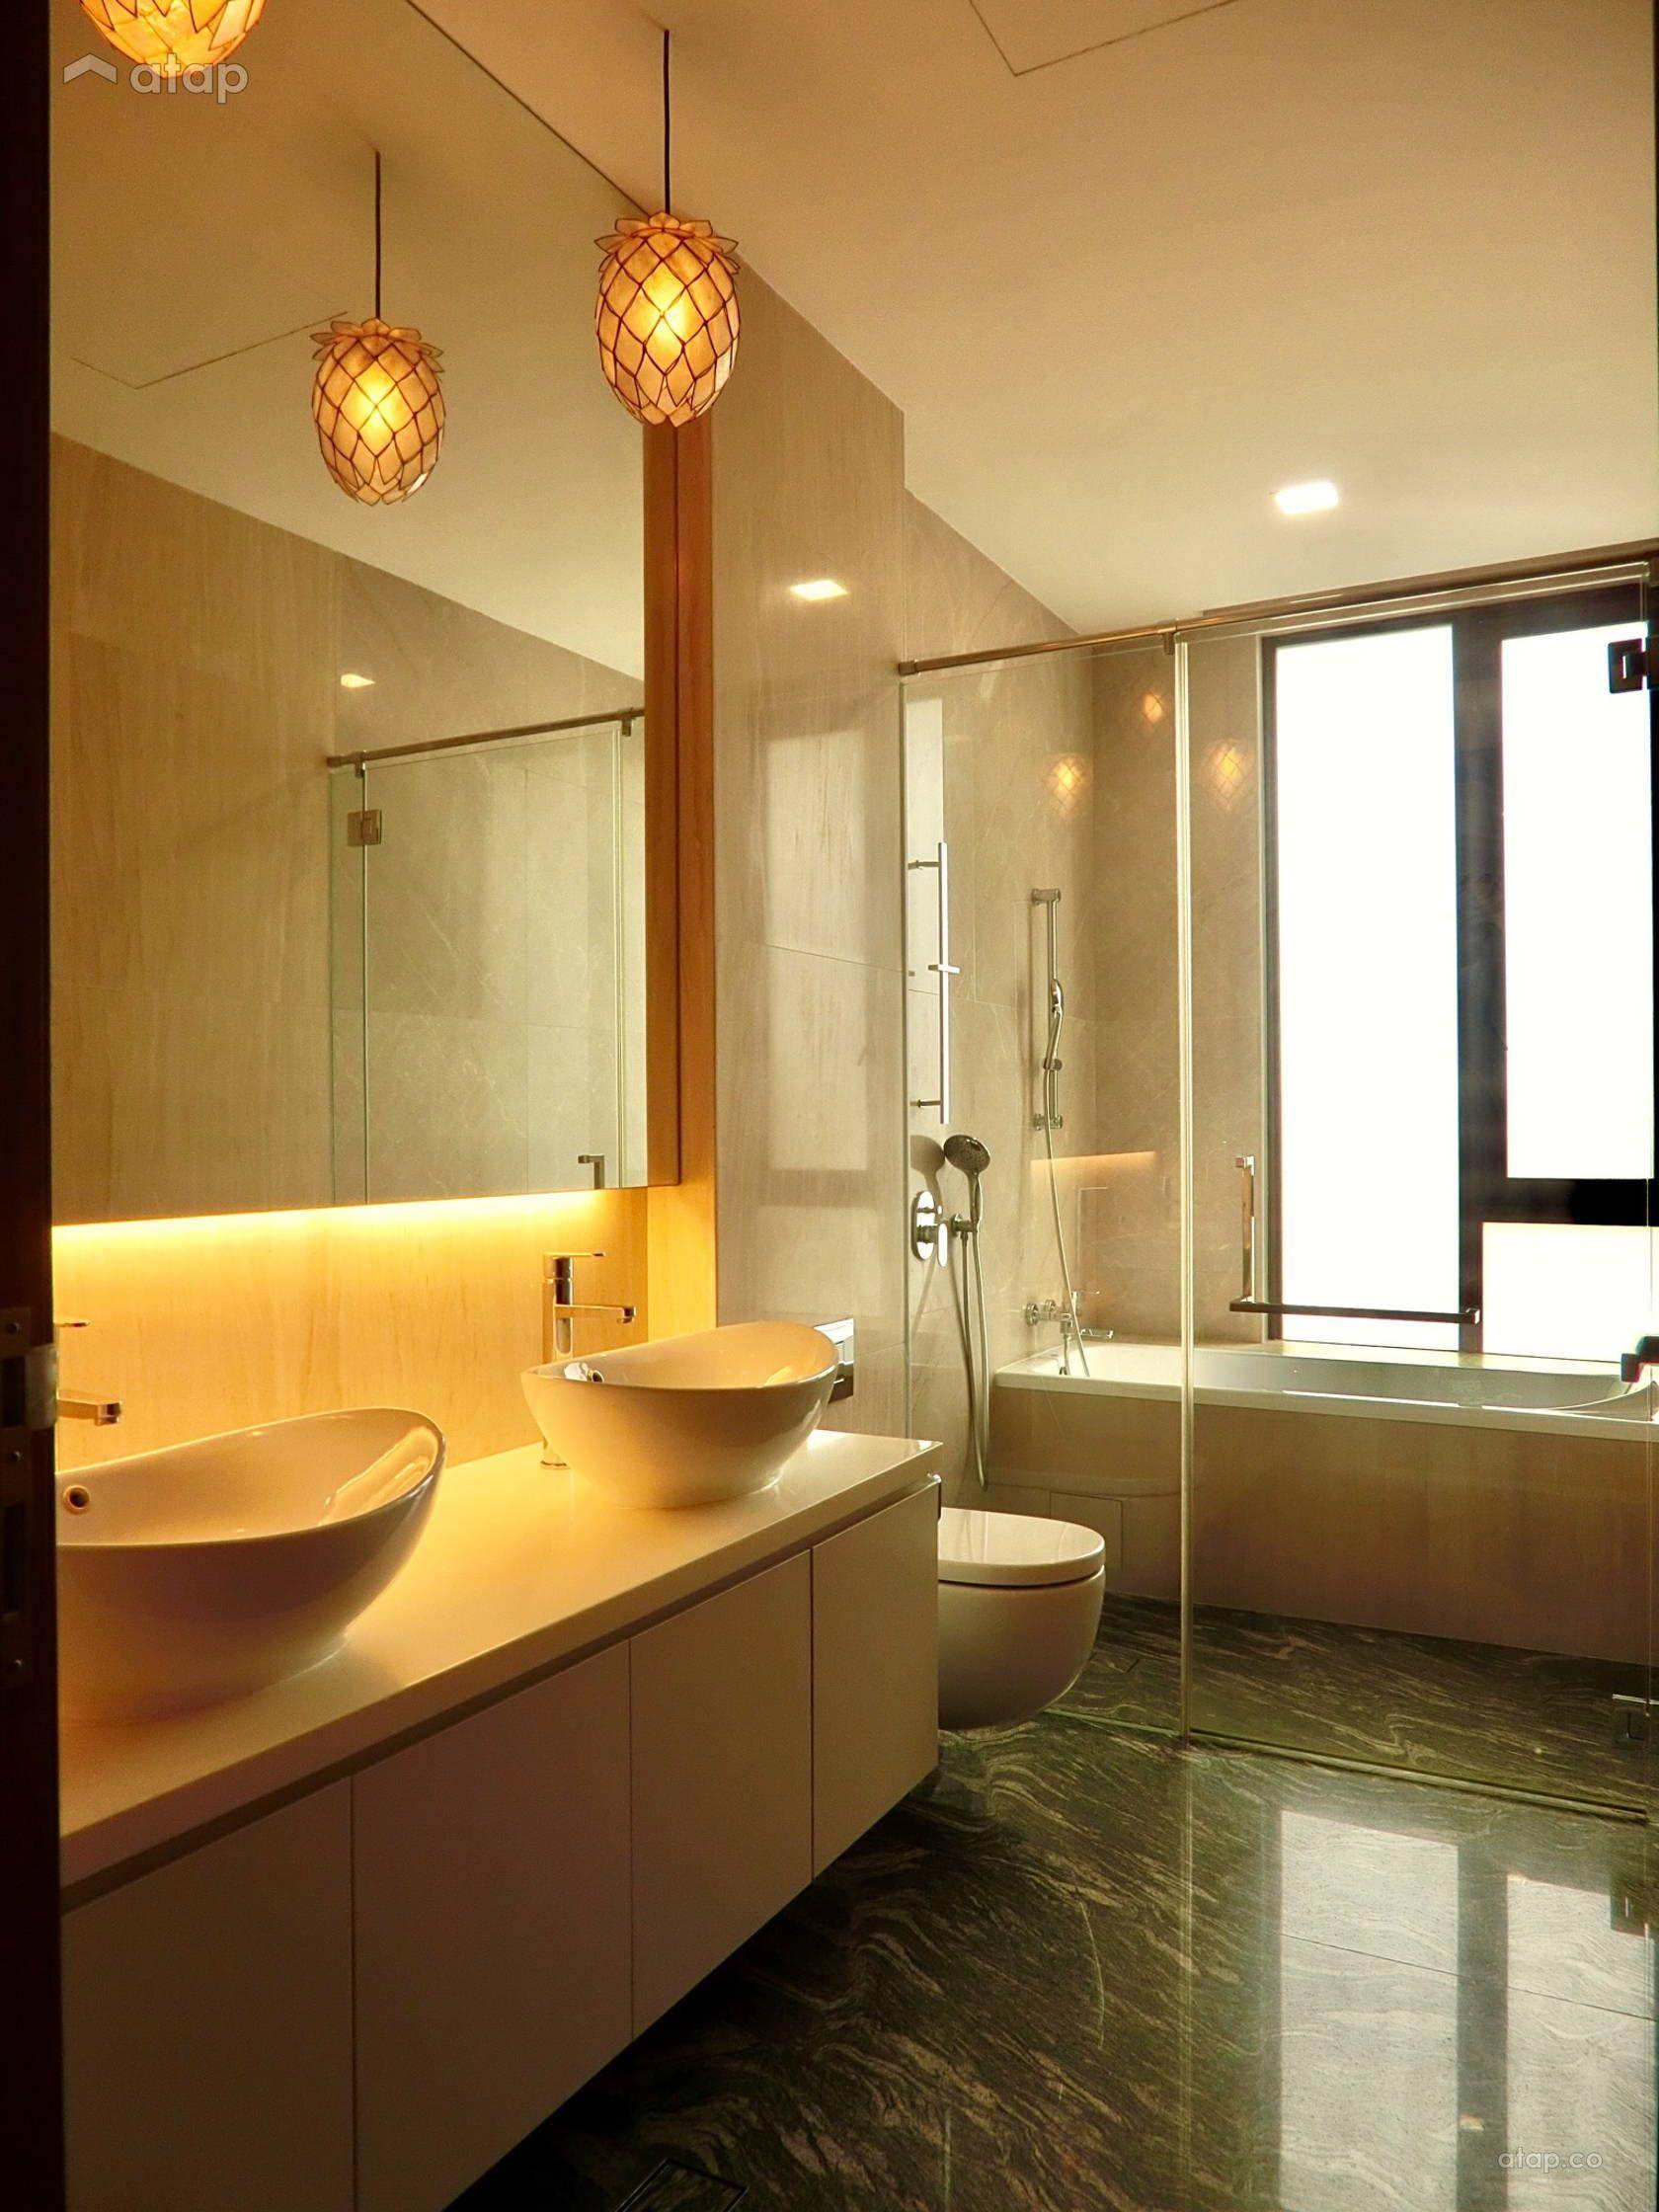 Contemporary Bathroom terrace design ideas & photos ...